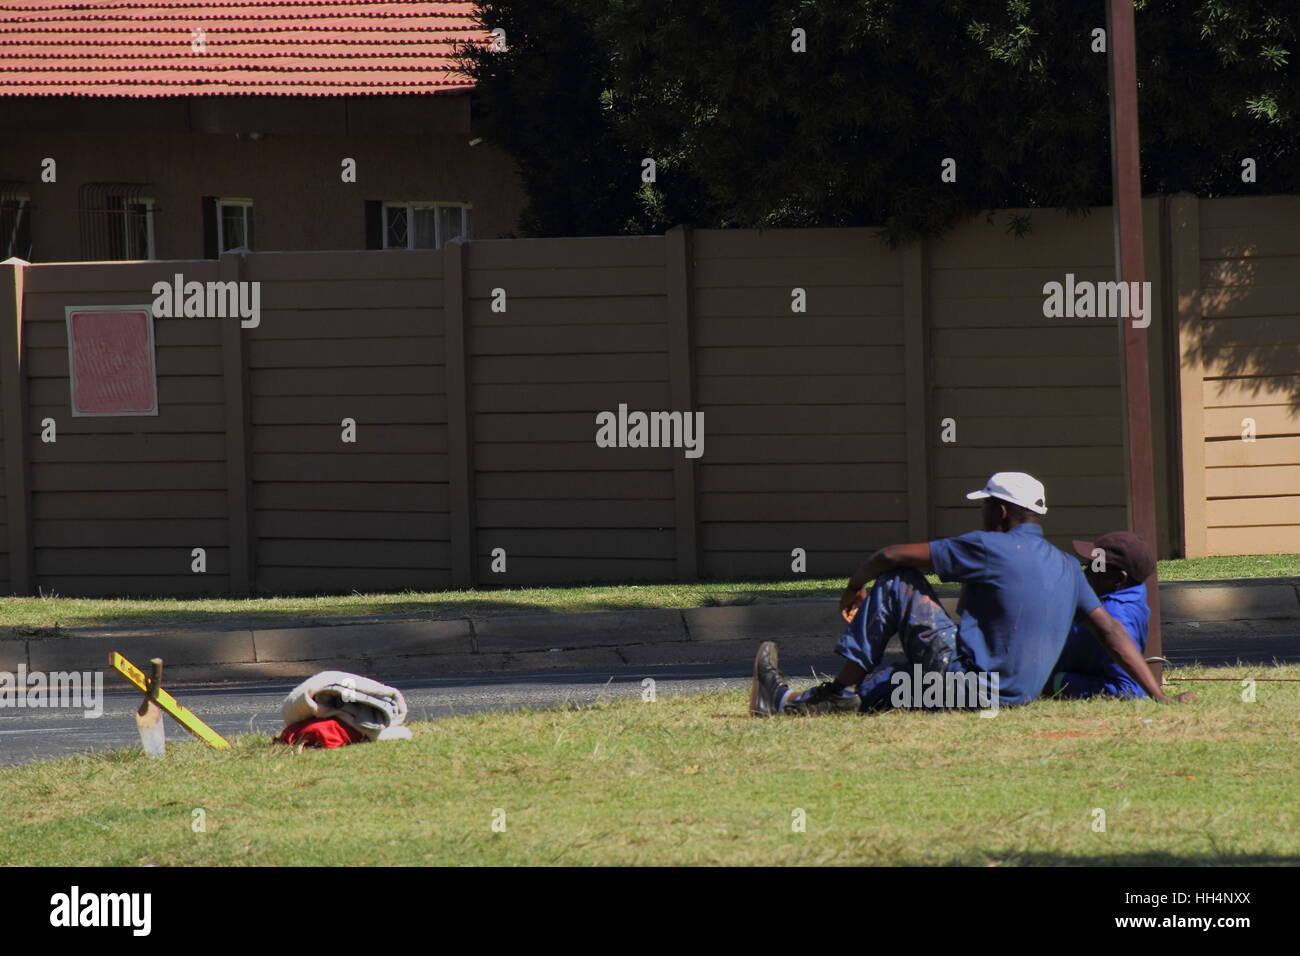 Il tasso di disoccupazione in Sud Africa post-apartheid - disoccupati uomini seduti ad angolo di strada immagine Immagini Stock